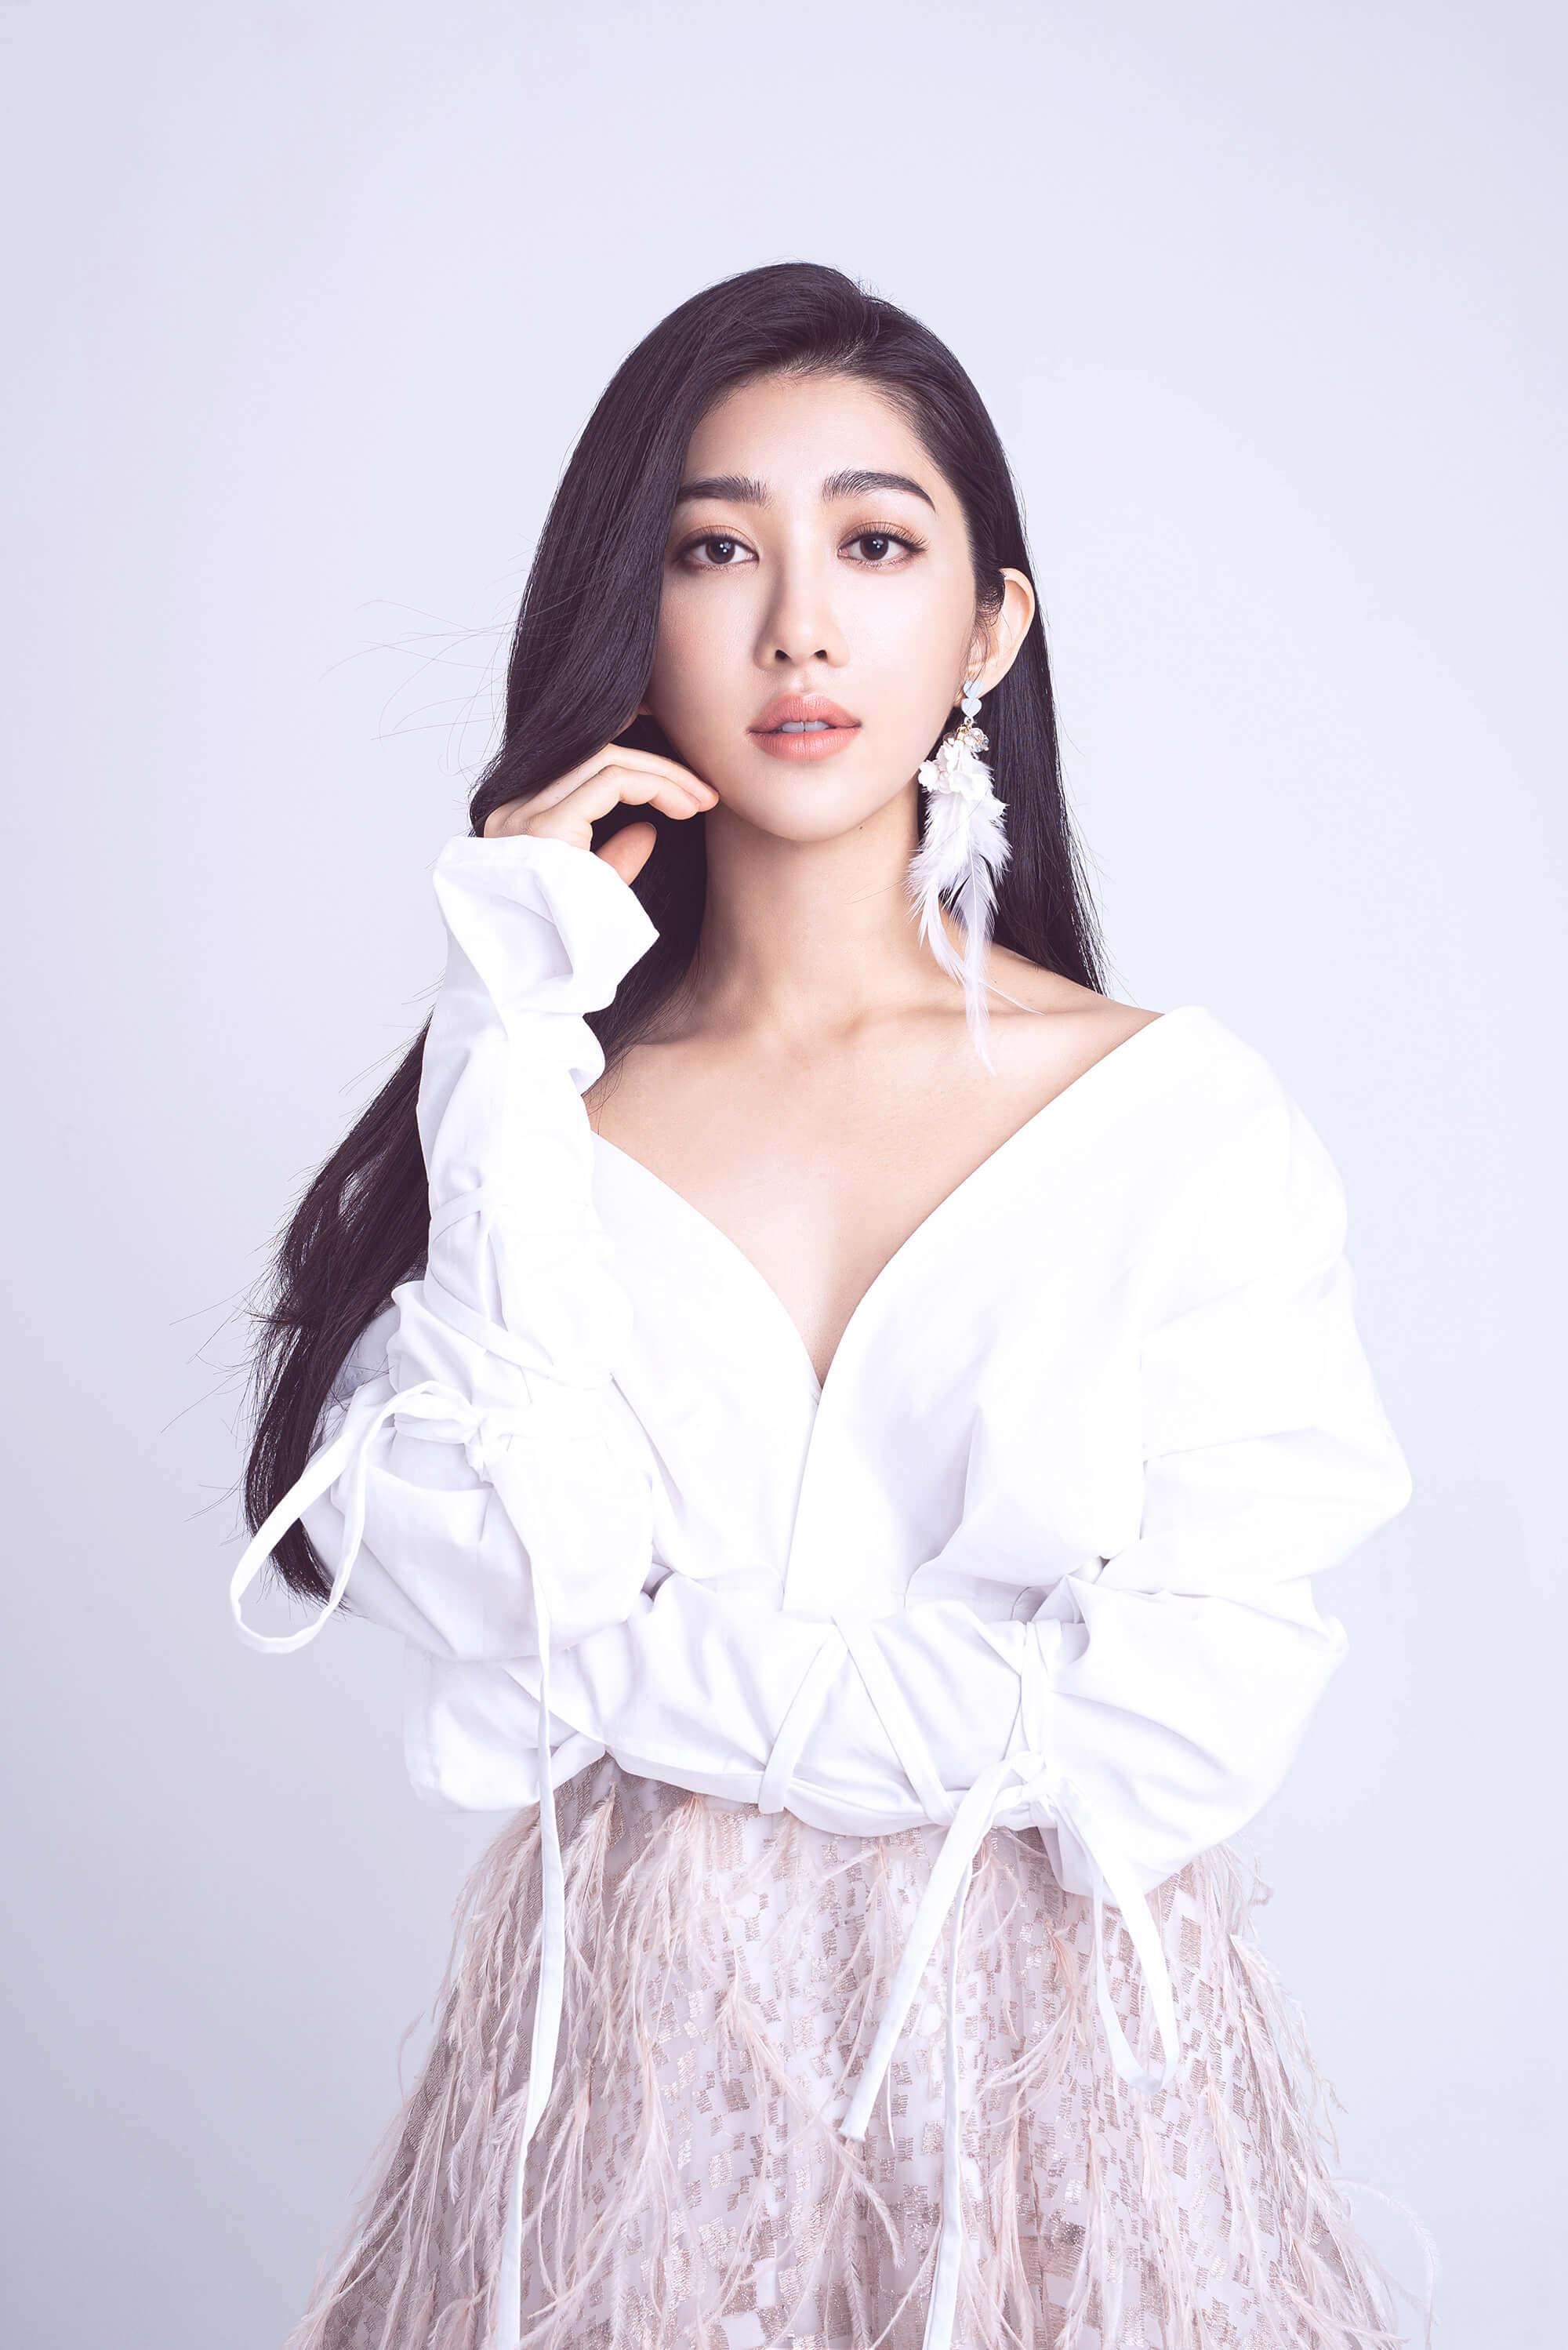 本土劇林志玲「王晴」發片超曲折 「洋裝開深V」仙氣爆棚!